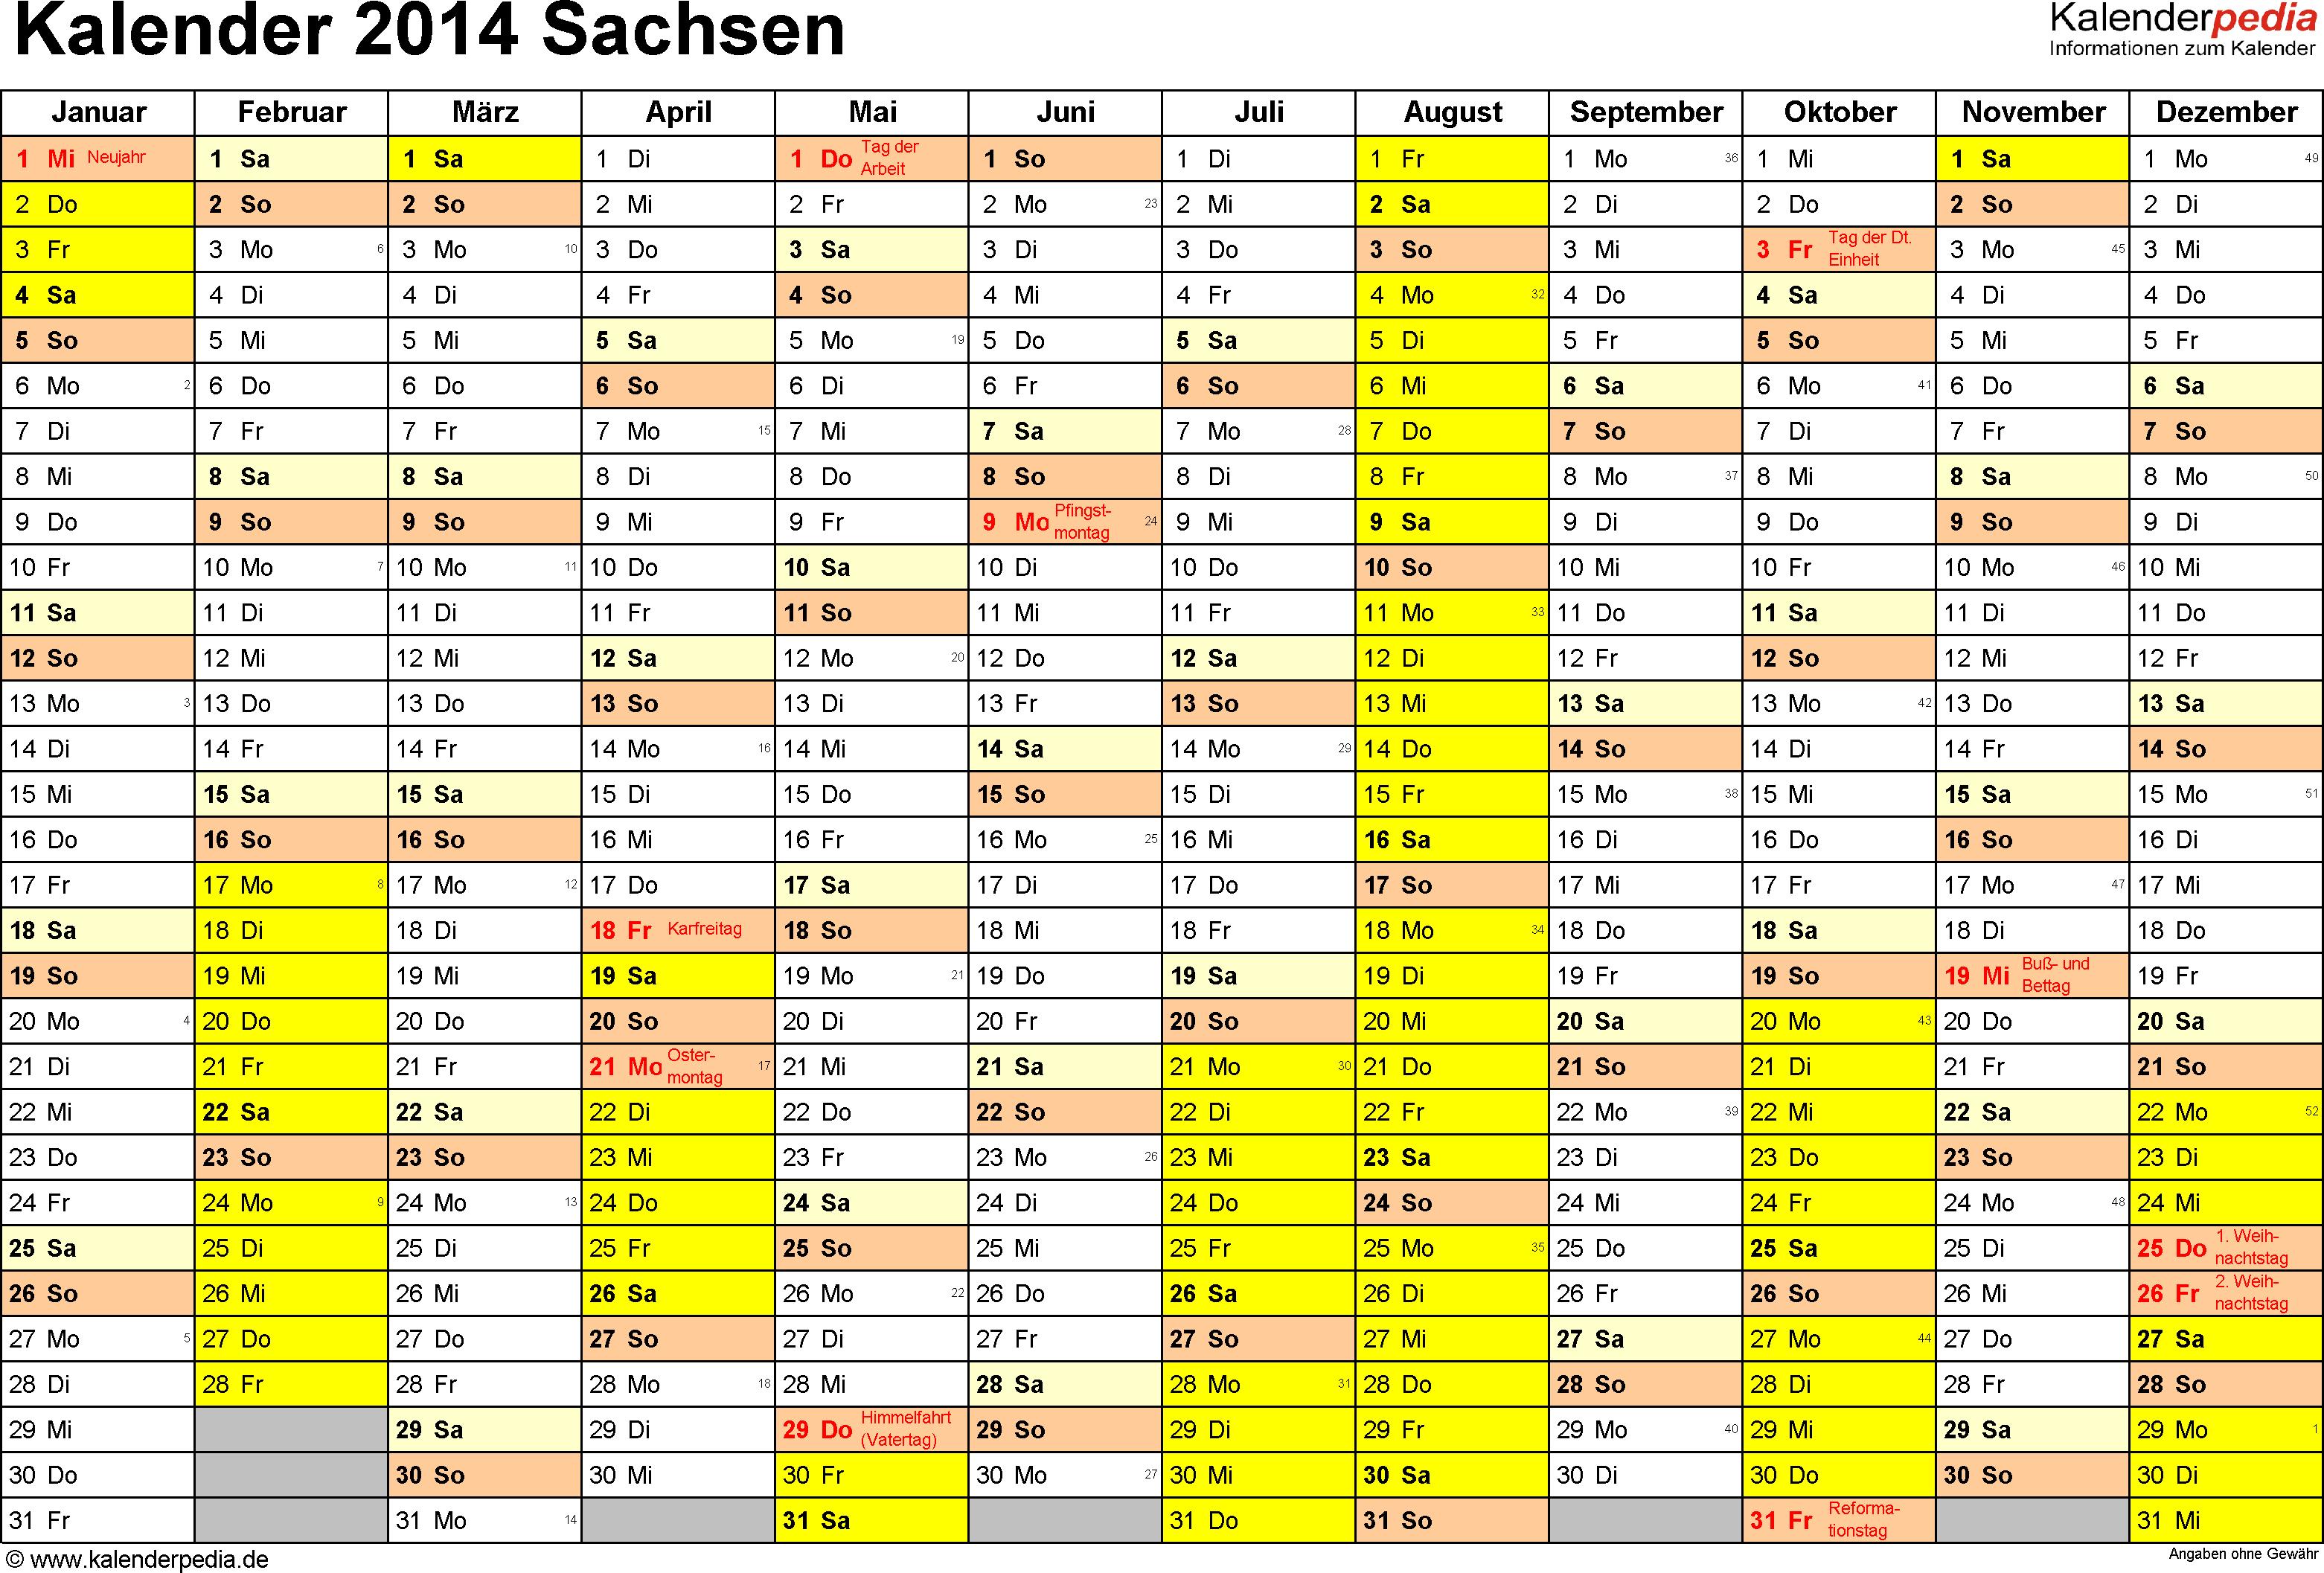 Vorlage 1: Kalender 2014 für Sachsen als Excel-Vorlage (Querformat, 1 Seite)